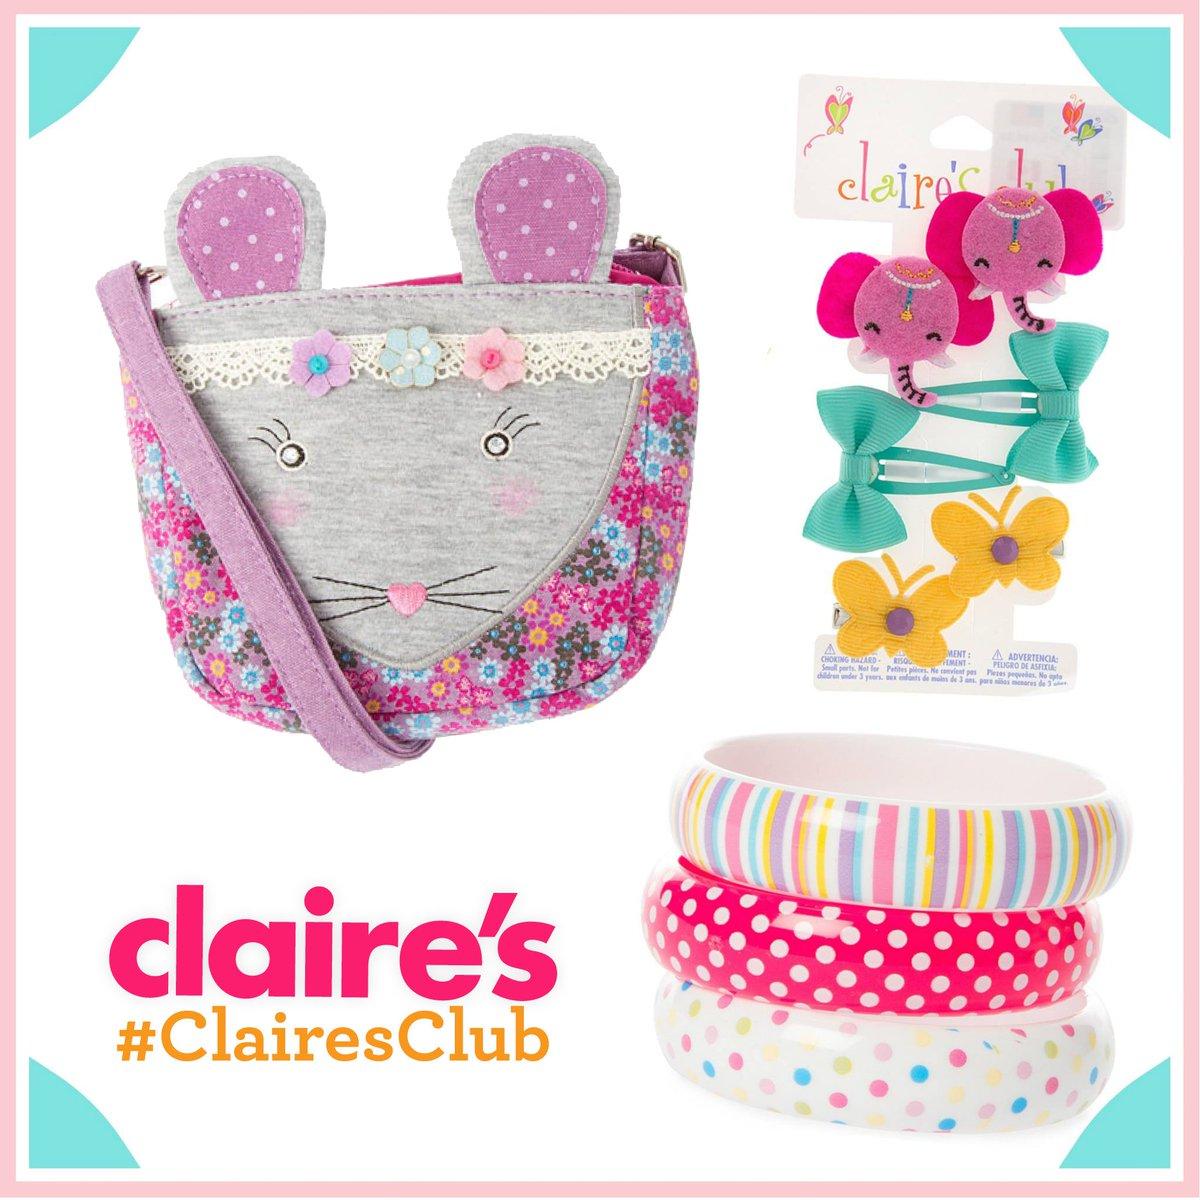 ¡Las pequeñas coquetas encuentran su estilo en #Claires! :D https://t.co/uXUpwz7oSe